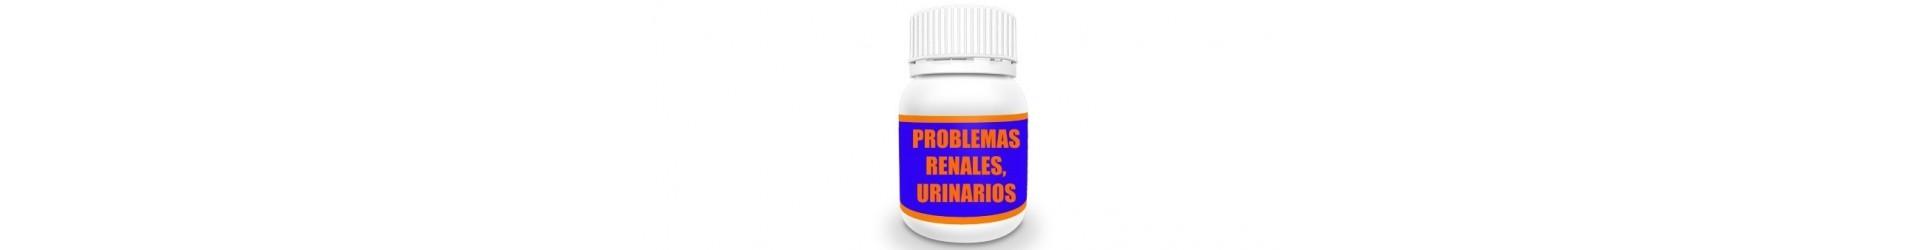 Problemas renales, urinarios